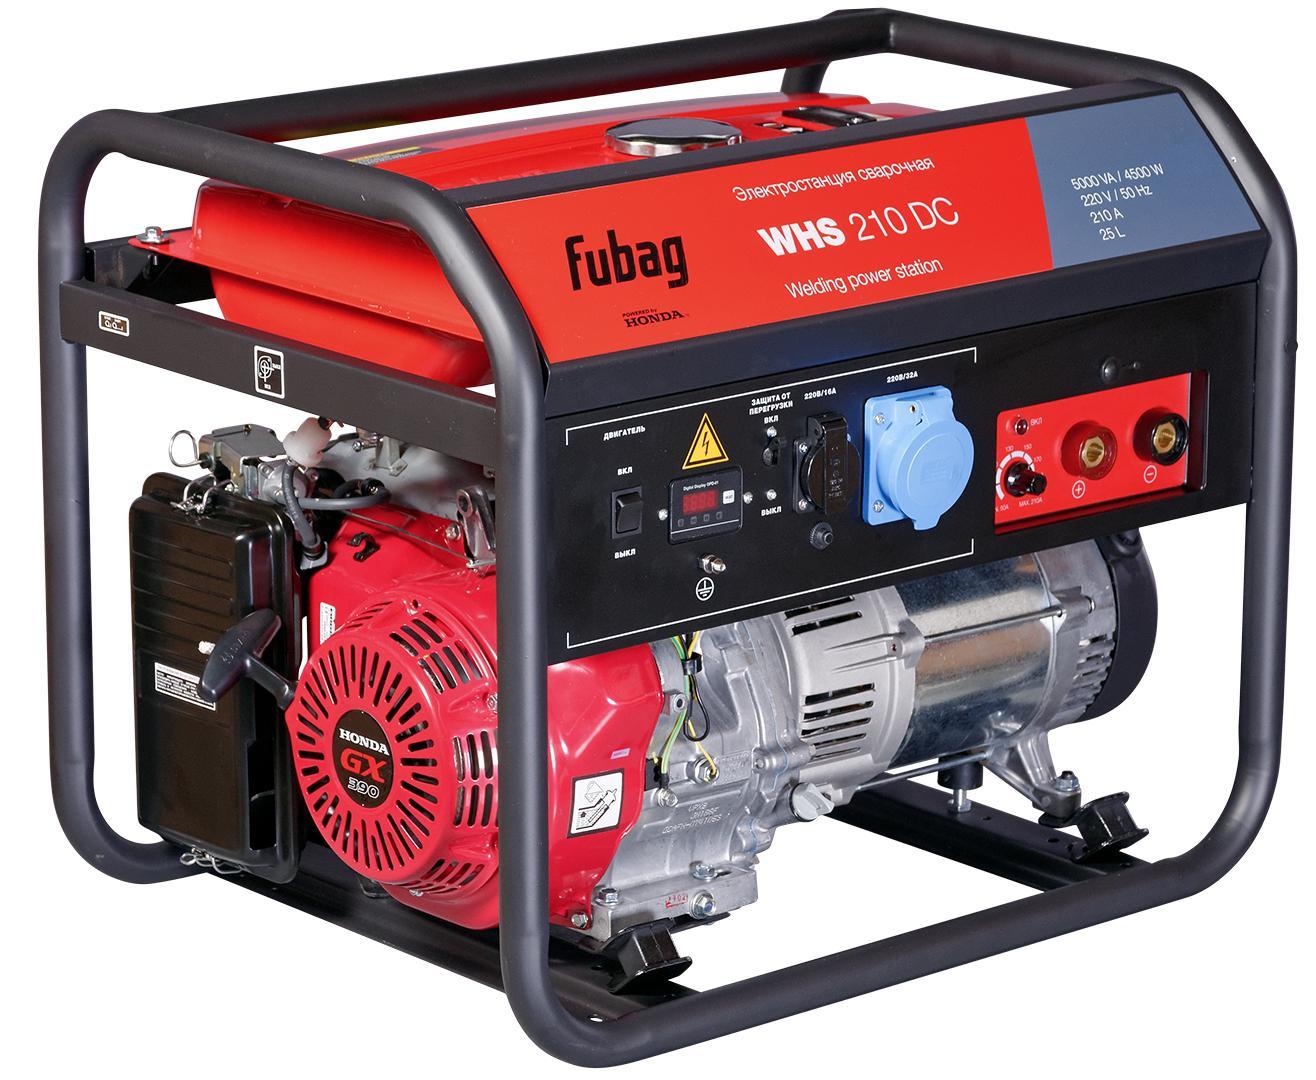 Бензиновый генератор Fubag Whs 210 dc электростанция сварочная whs 210 dc honda 220в бензиновая